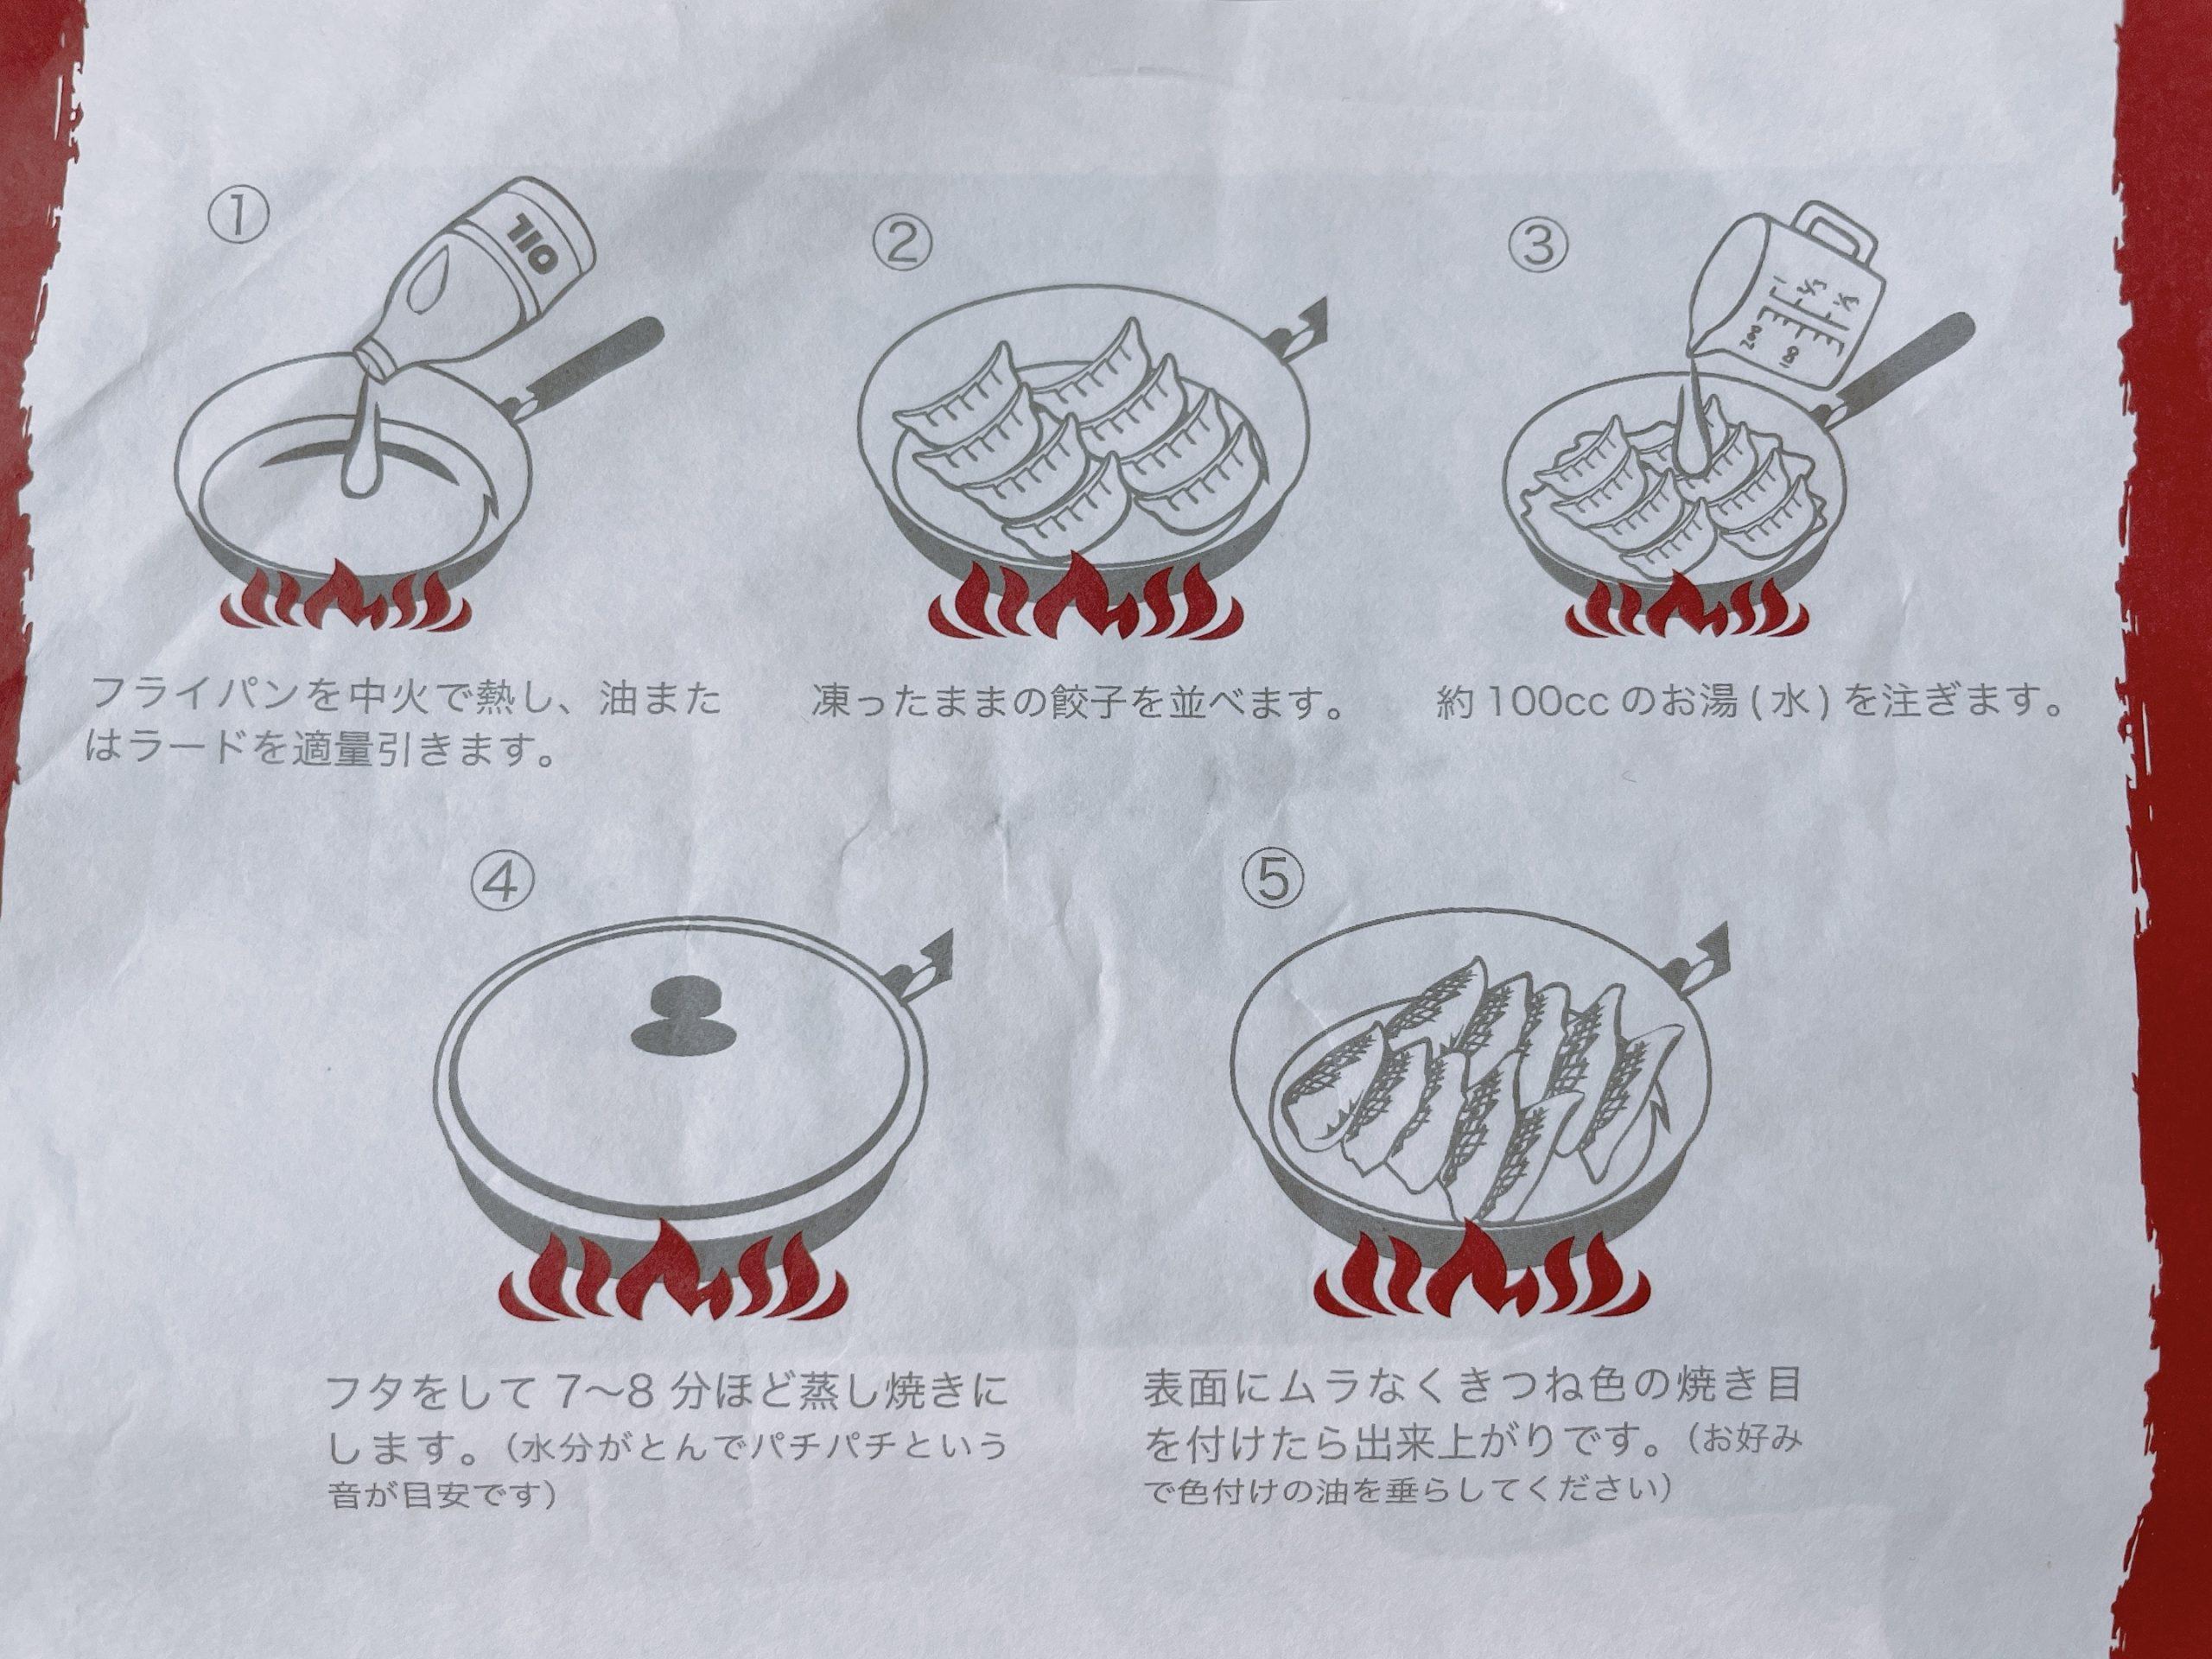 たかなべ餃子の焼き方